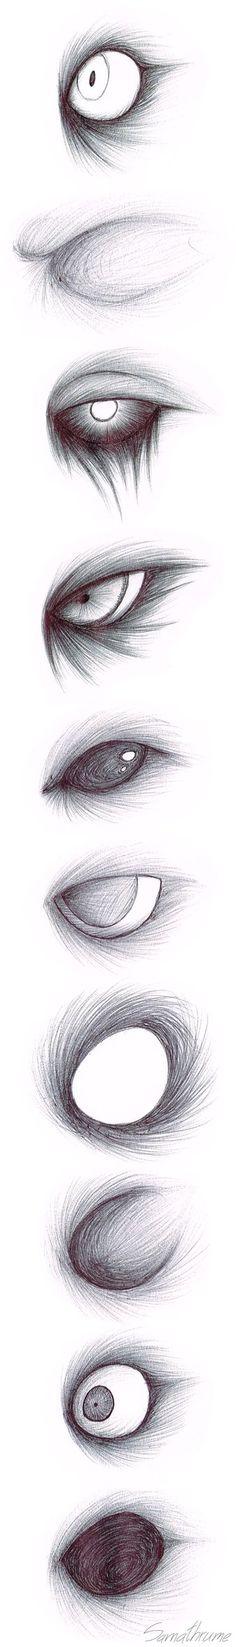 Creepypasta Eye Sketches by Samrot